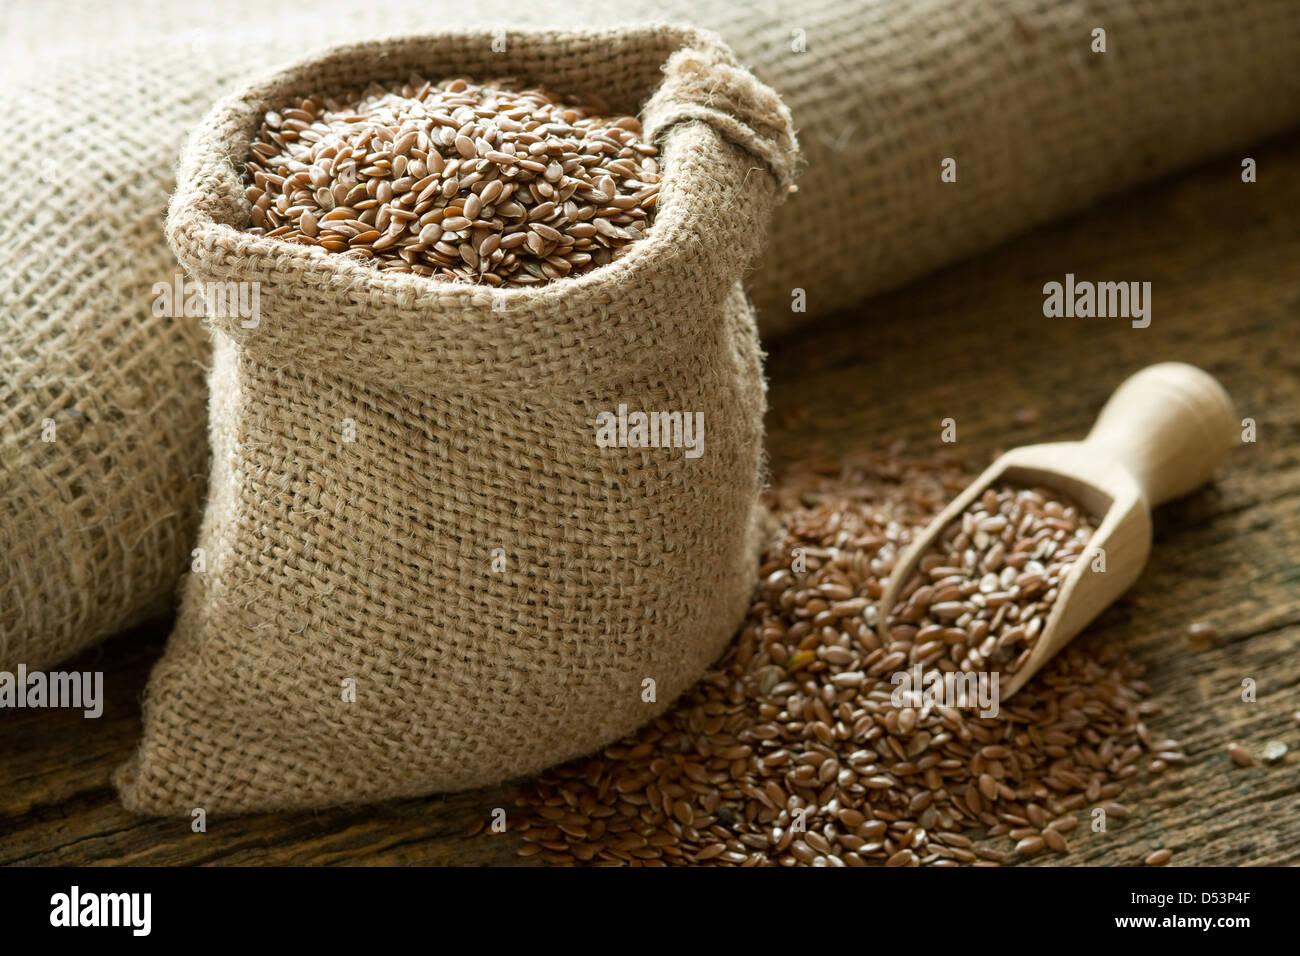 Les graines de lin dans un sac de toile Photo Stock